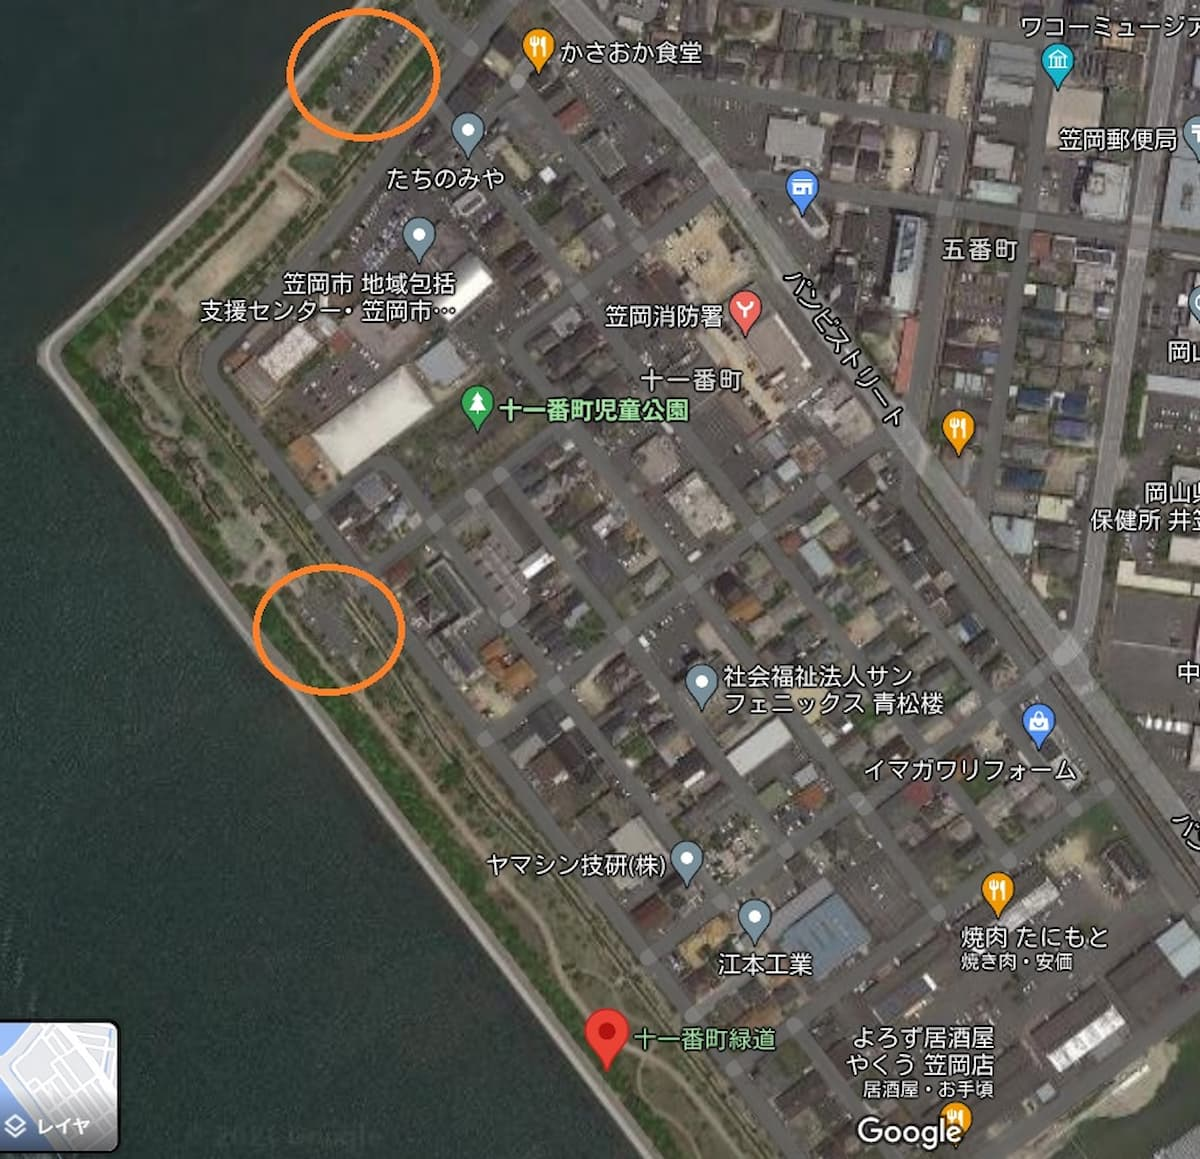 11bancho-ryokudo-map